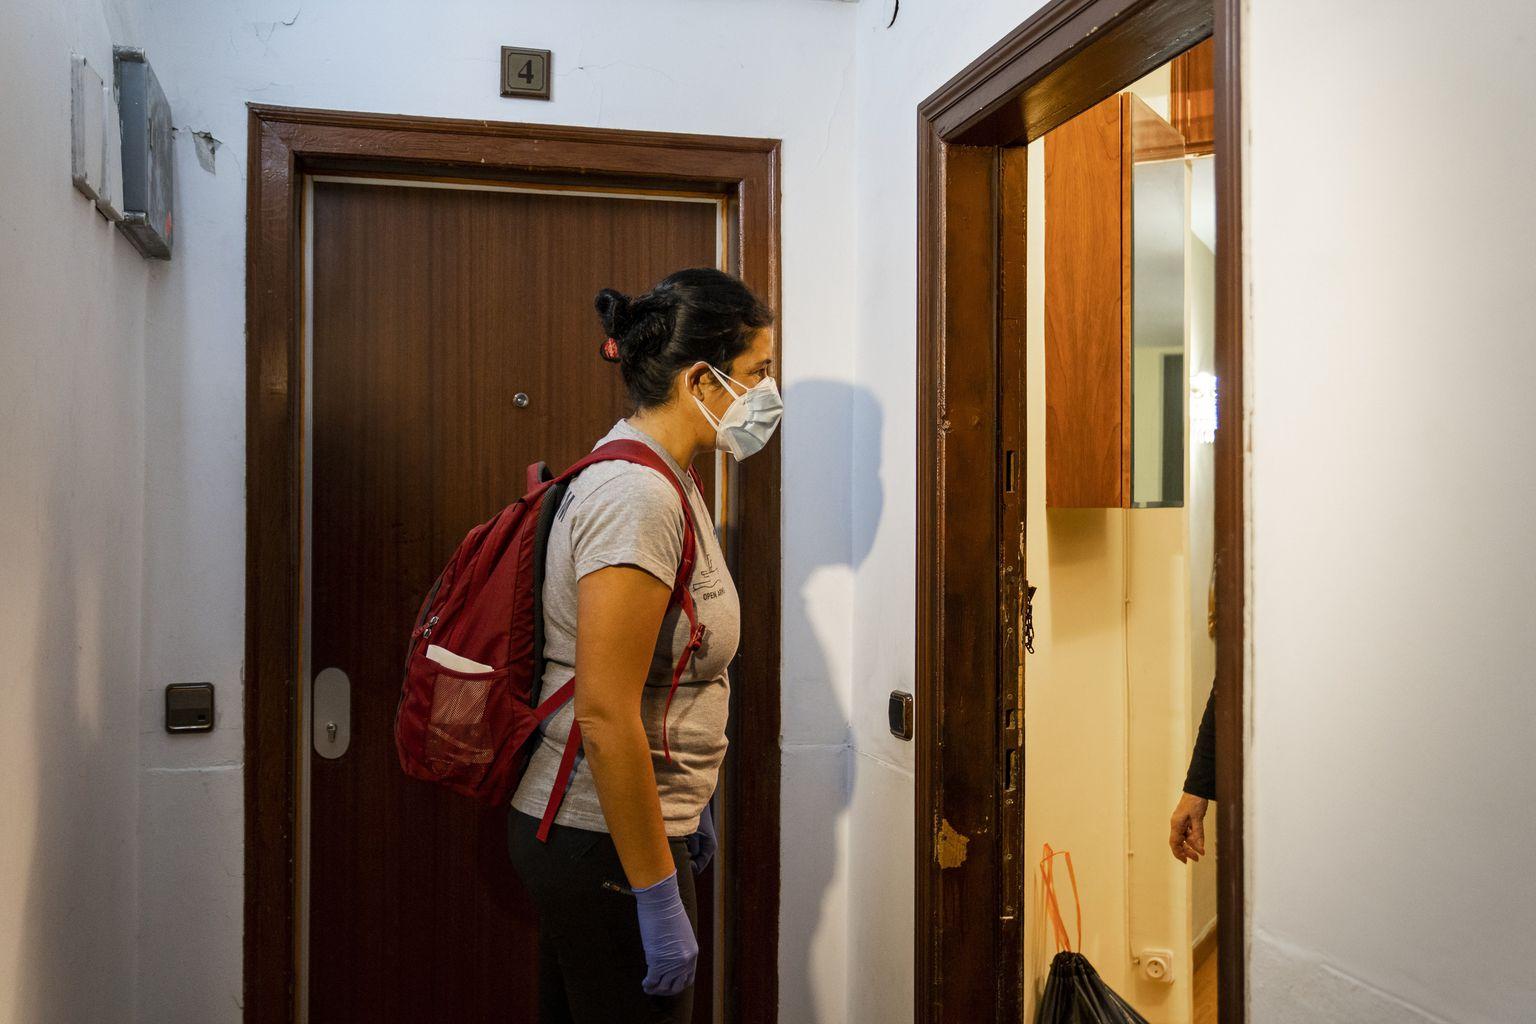 Una membre de l'ONG Open Arms, degudament protegida amb guants i mascareta, al replà d'un edifici on una dona li obre la porta